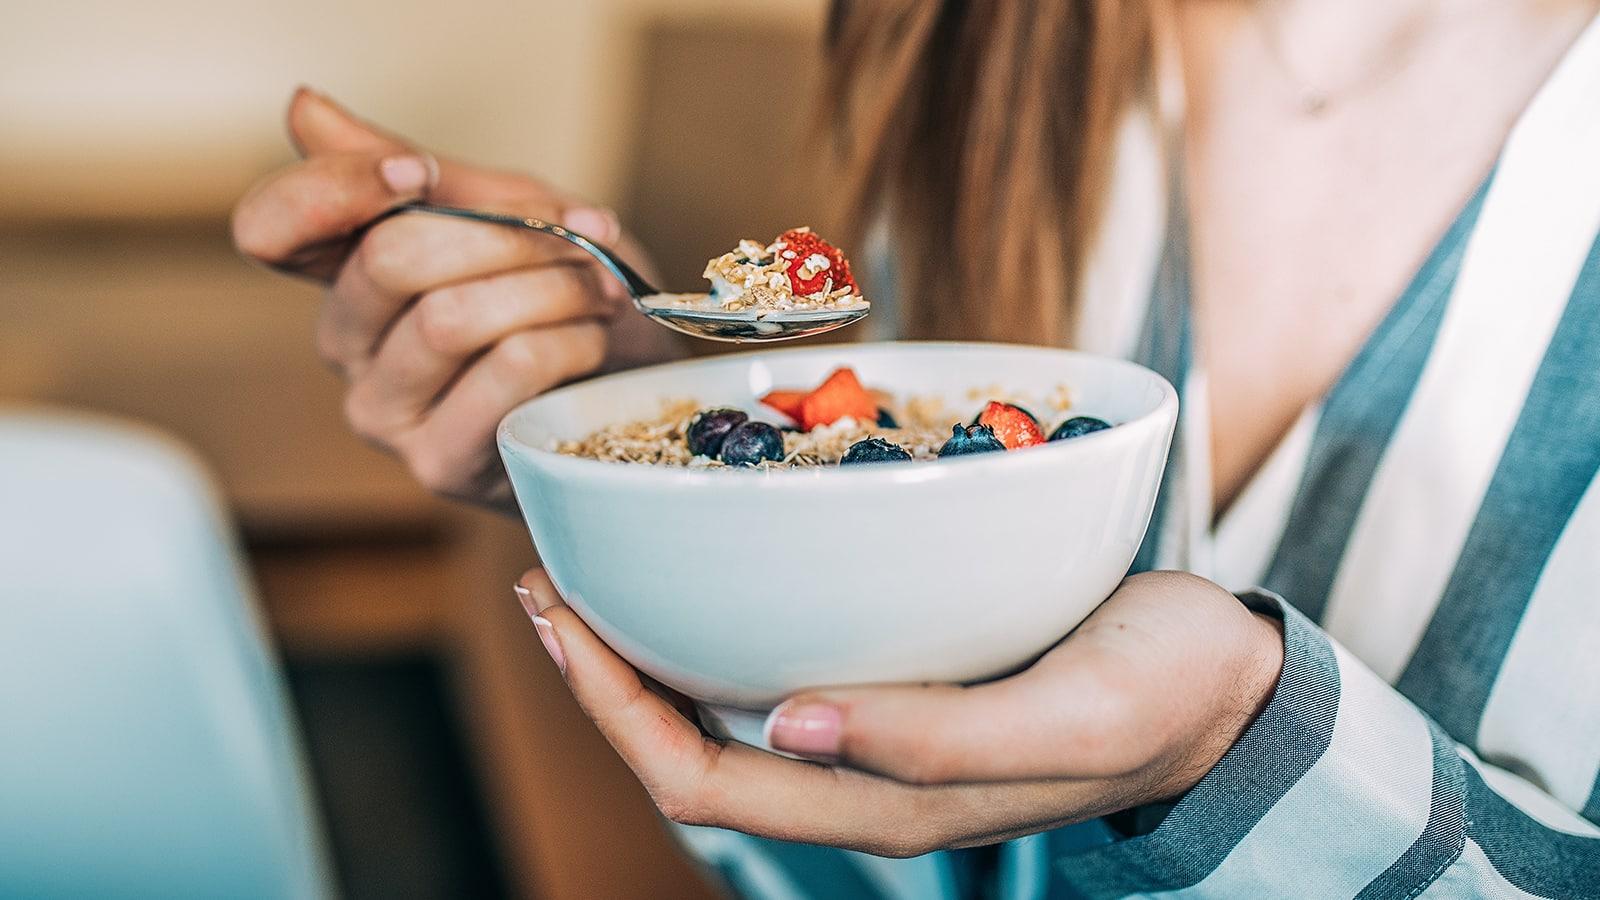 بهترین صبحانه برای لاغری